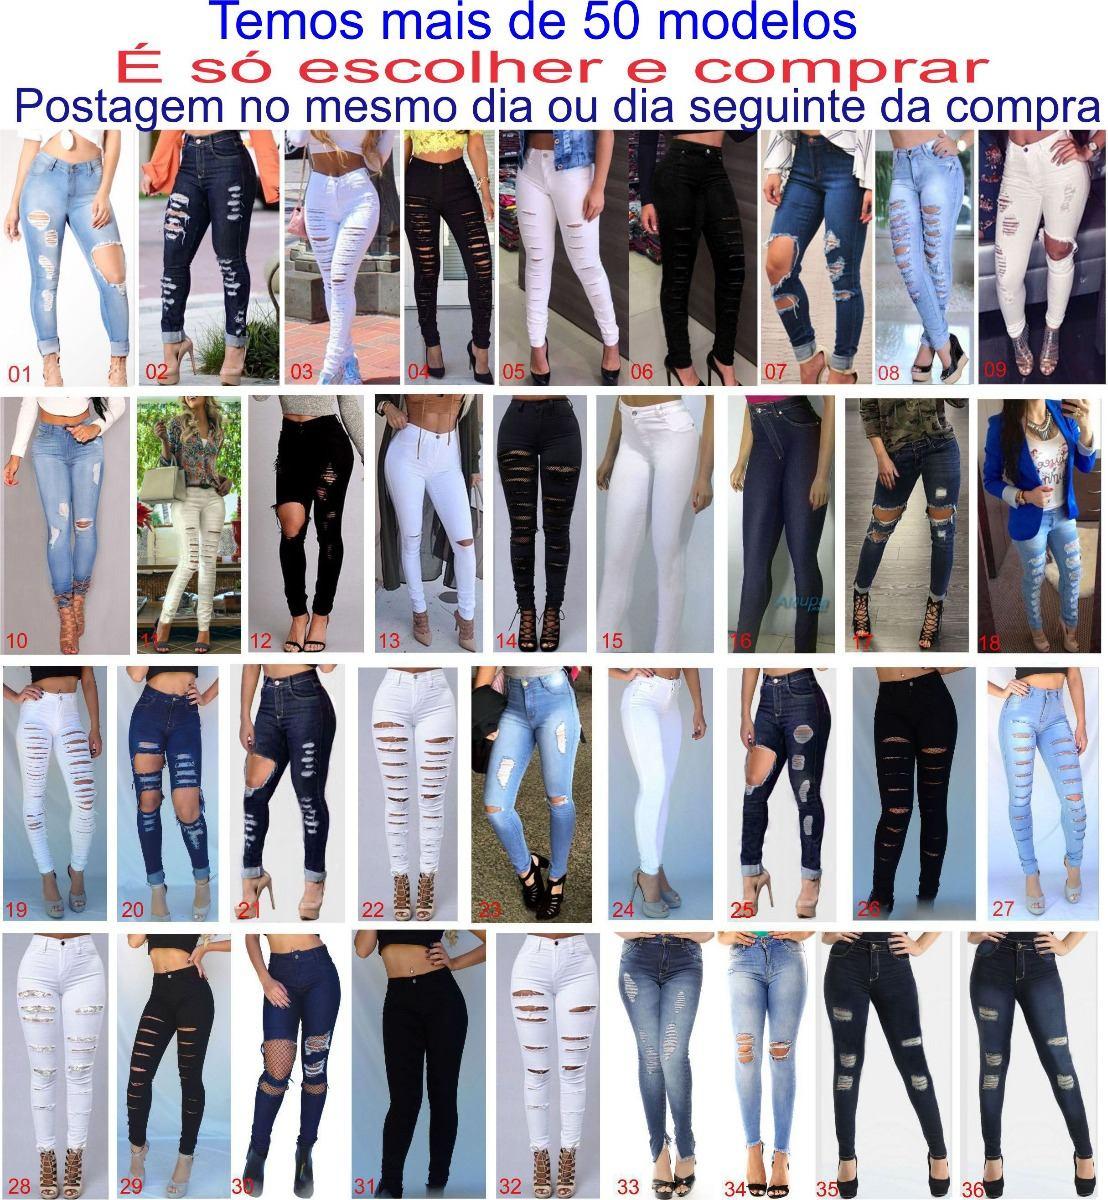 e4b251f3a Carregando zoom... calça jeans roupa. Carregando zoom... roupa feminina  calça jeans rasgada cintura alta branca dins